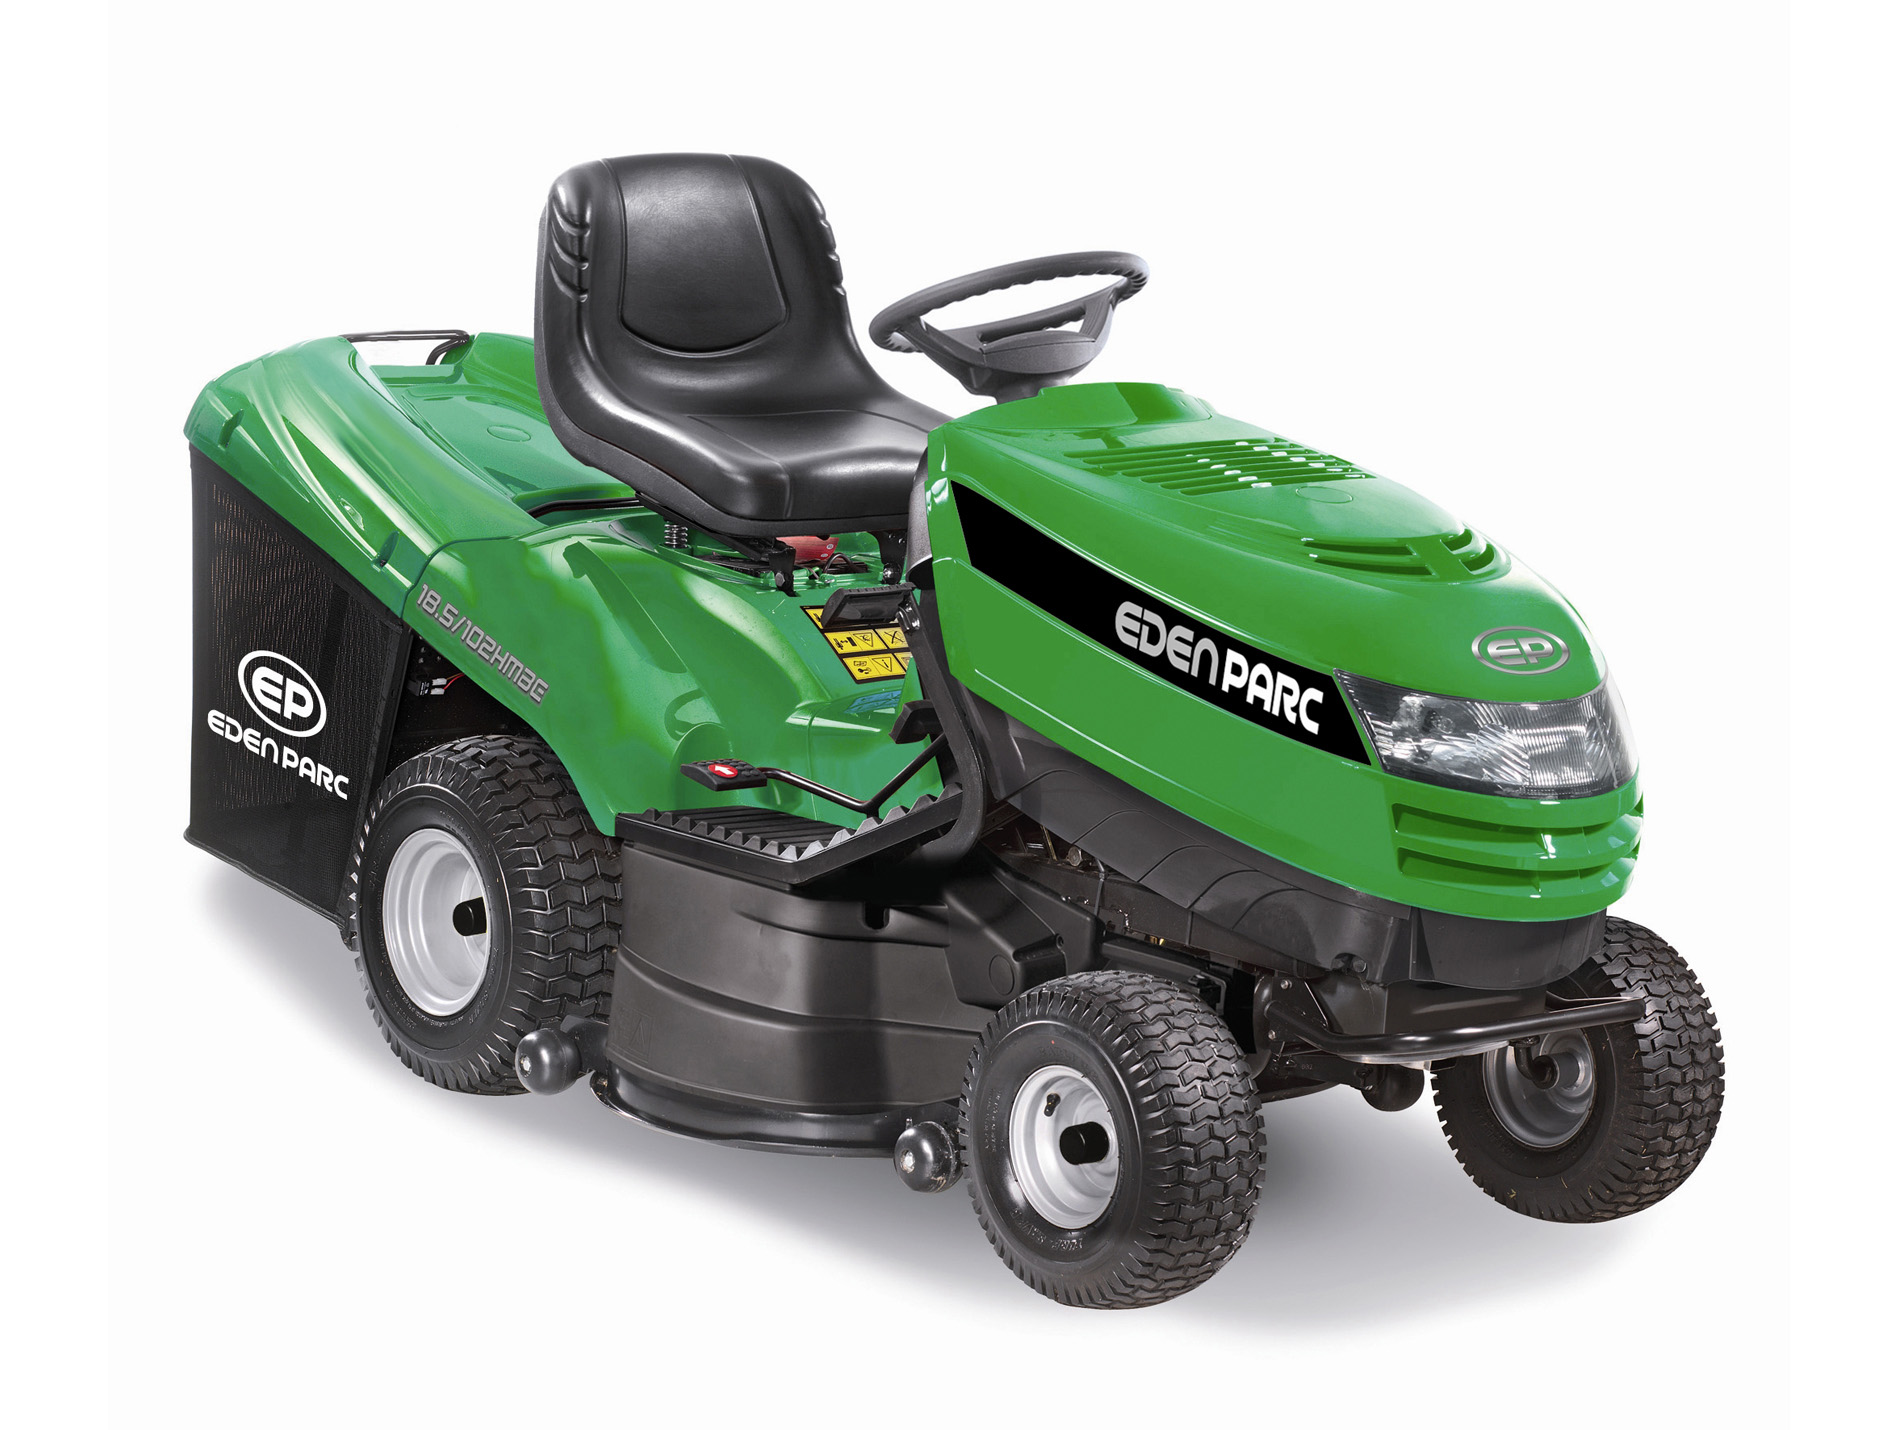 tracteur tondeuse eden parc tc18 5 102hm be 500cc. Black Bedroom Furniture Sets. Home Design Ideas